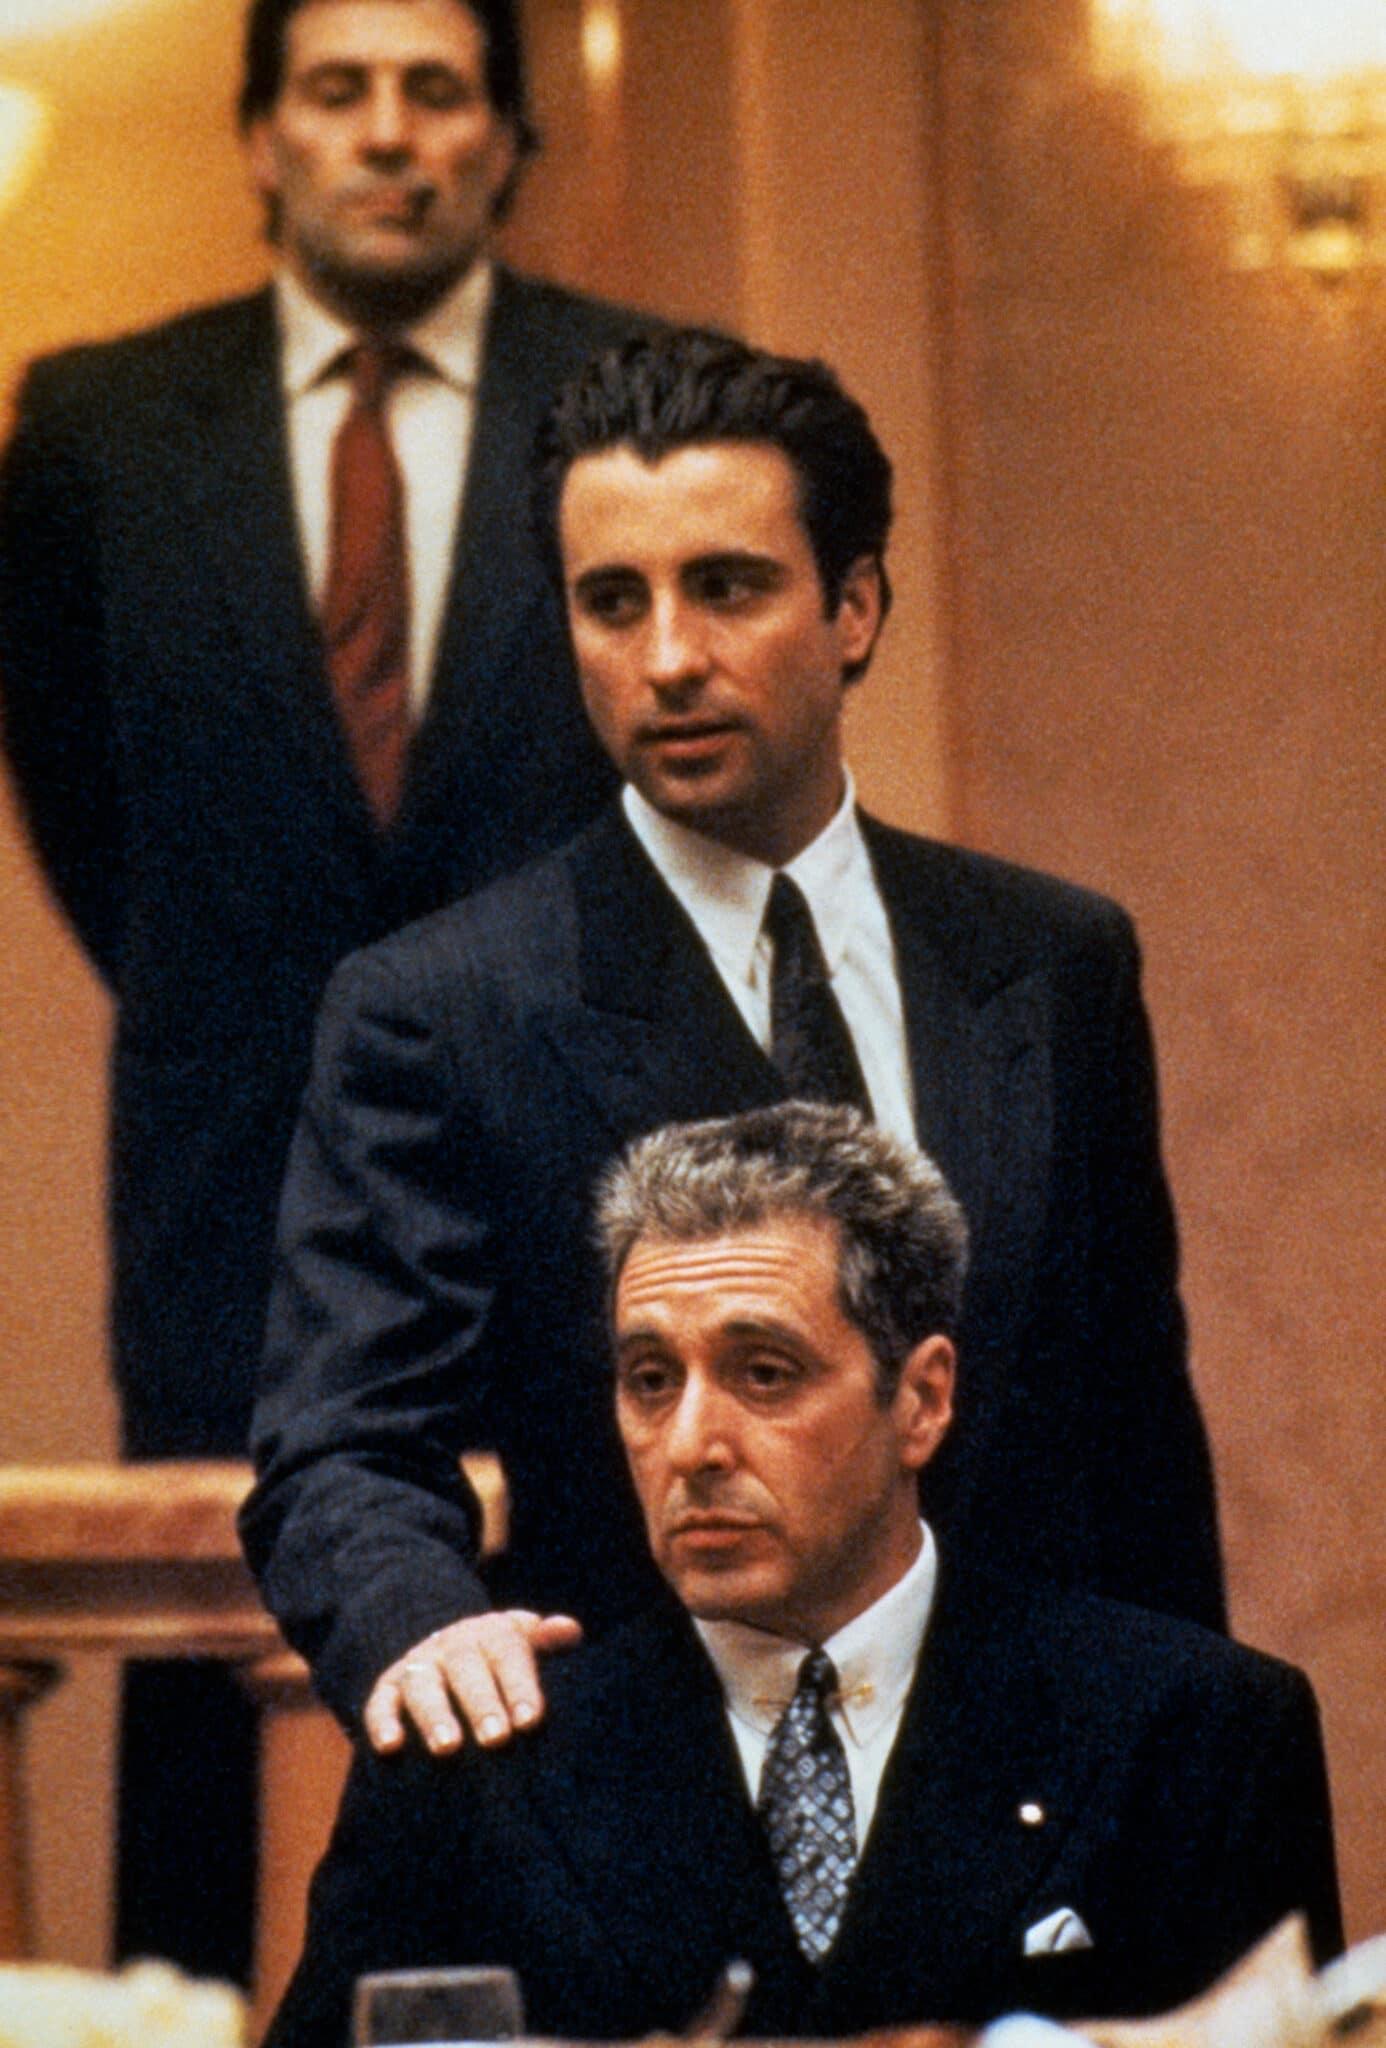 Andy Garcia und Al Pacino tragen in Der Pate Epilog: Der Tod von Michael Corleone beide dunkle Anzüge und sind in einem holzgetäfelten hellen Raum. Al Pacino sitzt an einem Tisch, Andy Garcia steht direkt hinter ihm und legt ihm die Hand auf die Schulter.